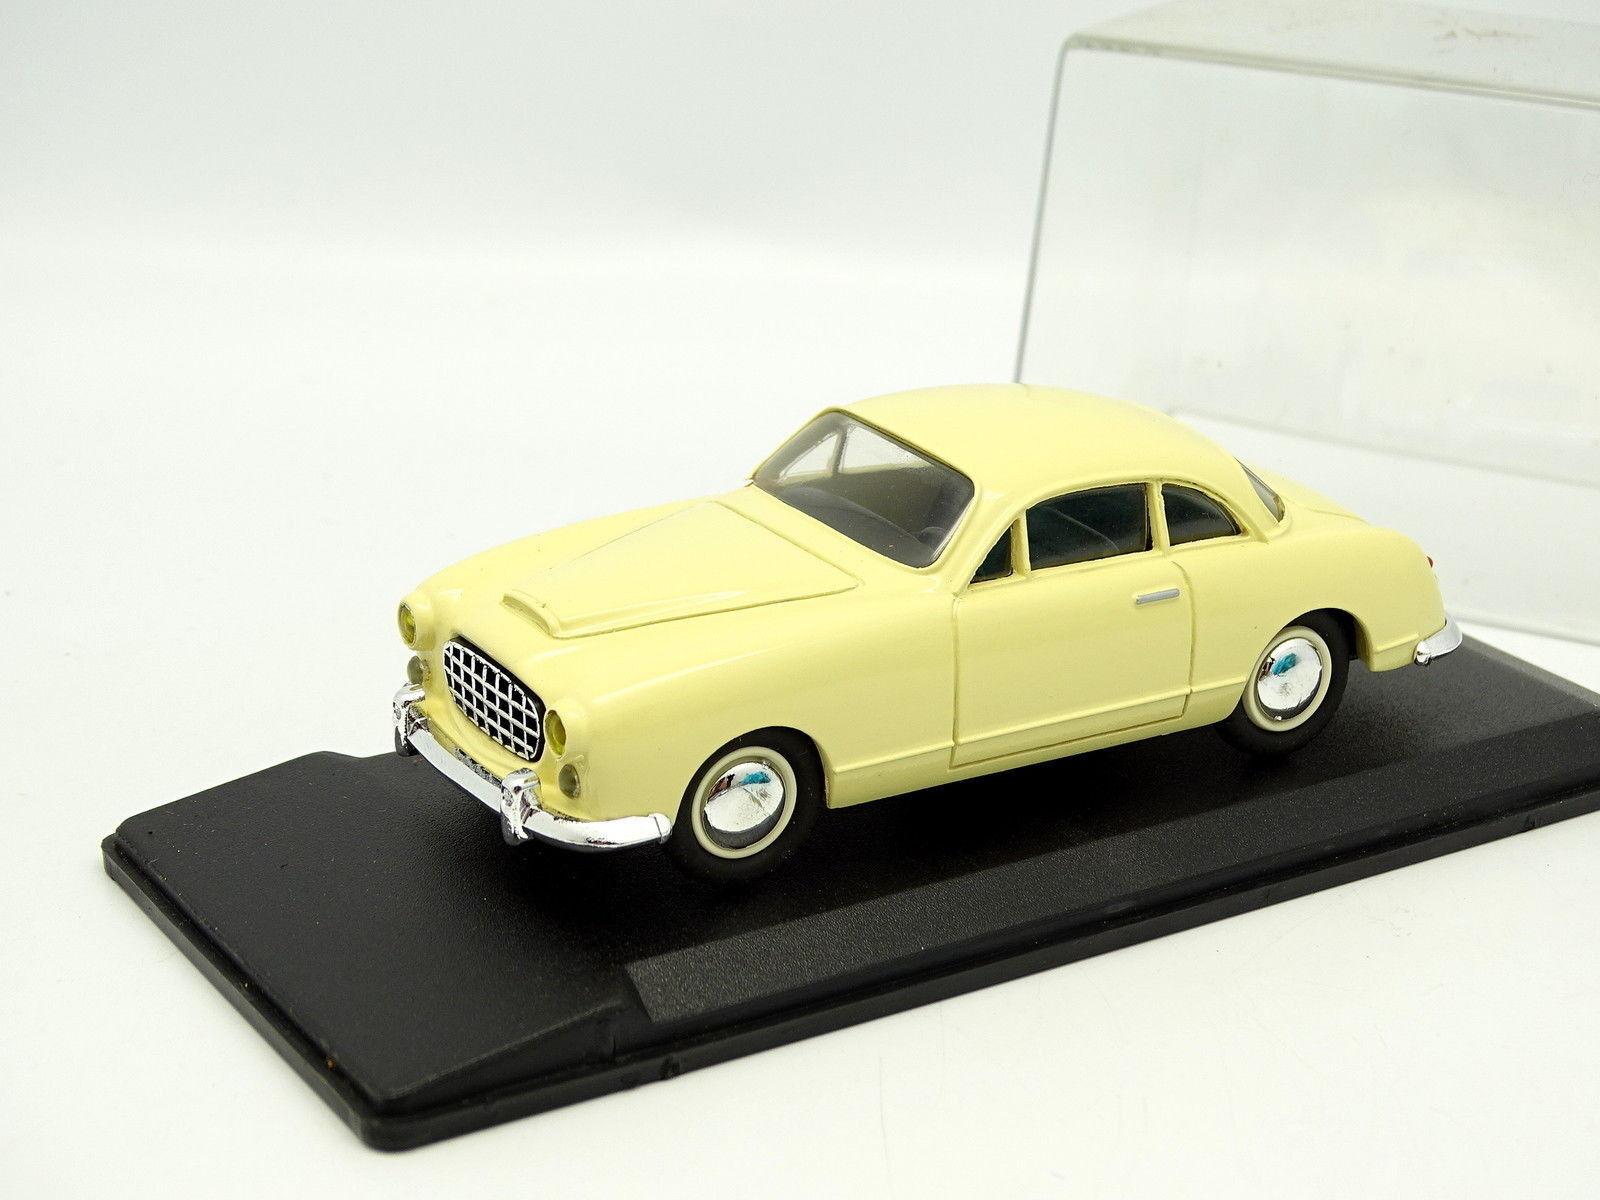 Leader Résine 1 43 - Ford Comete Jaune Clair